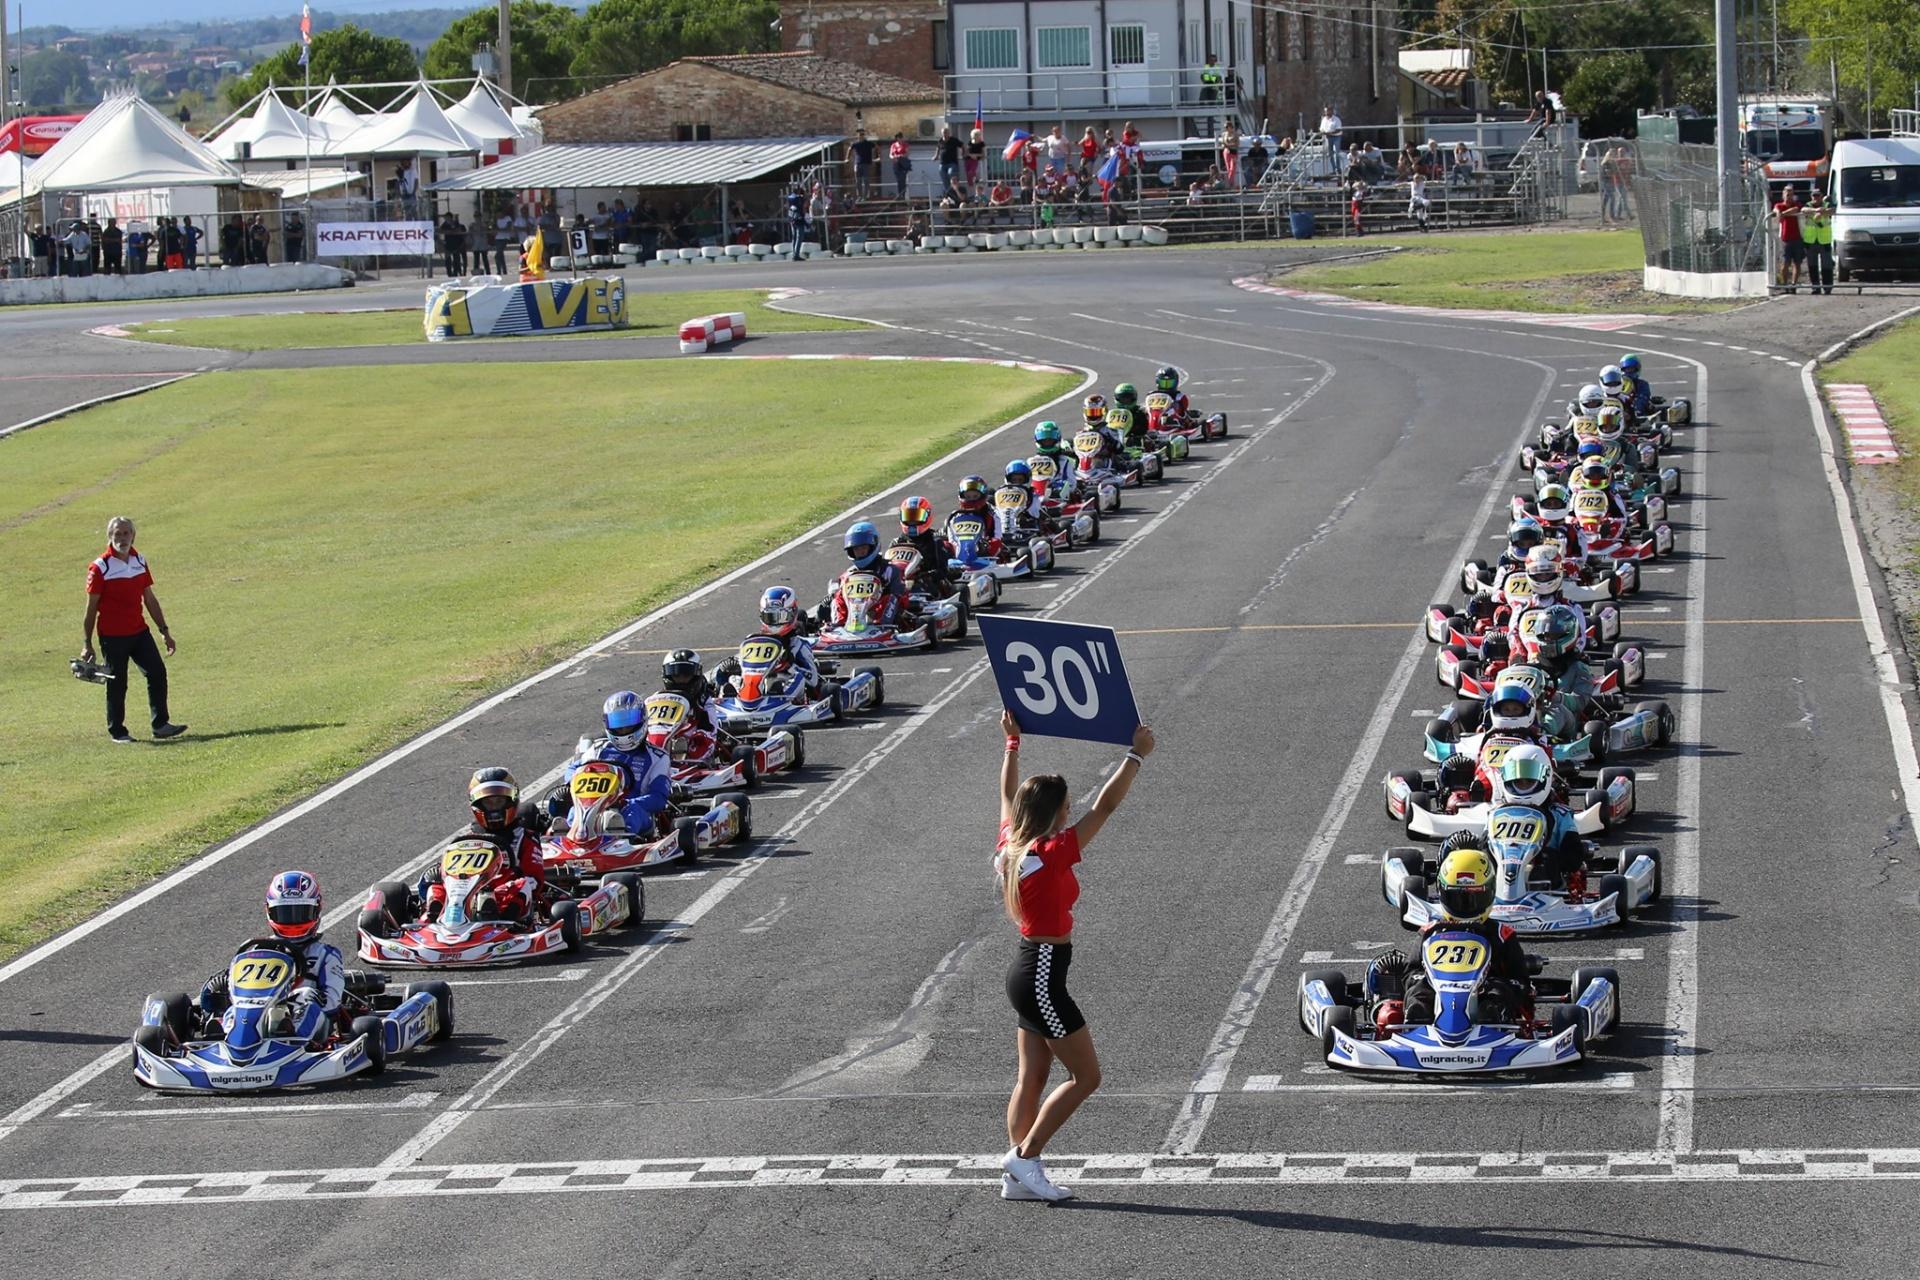 Alla pista 7 Laghi Kart di Castelletto di Branduzzo potrete scendere in pista e provare i kart utilizzati per entrambe le categorie.